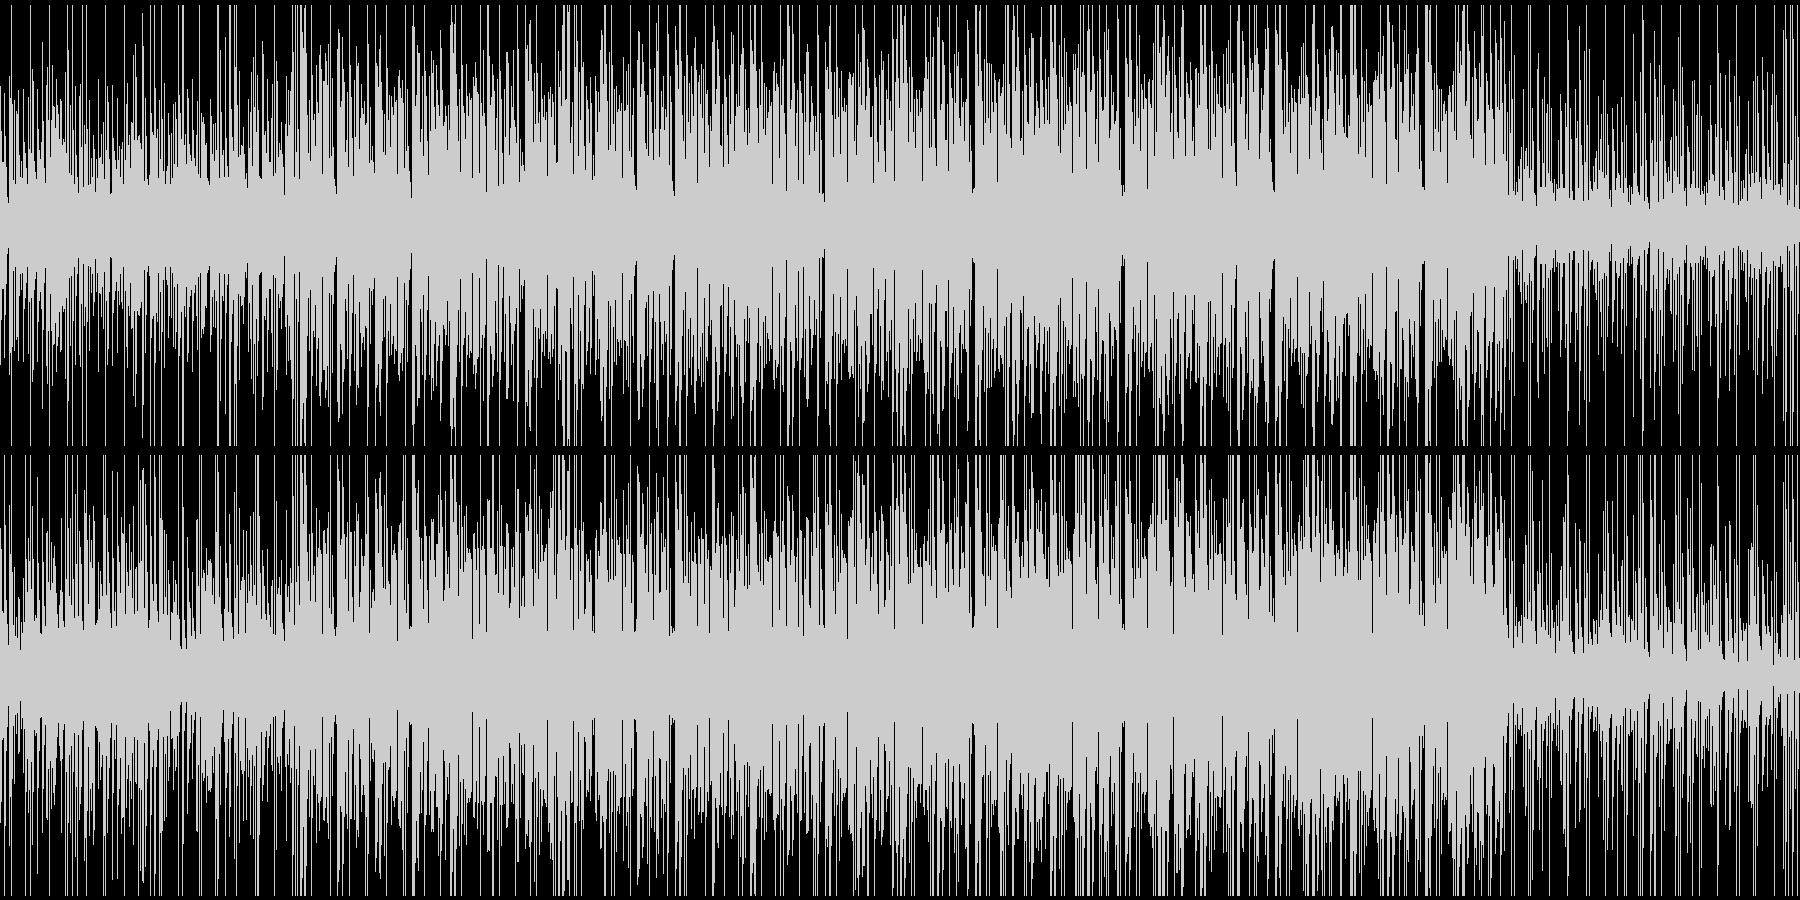 オープニング、トーク用BGM(ループ)の未再生の波形